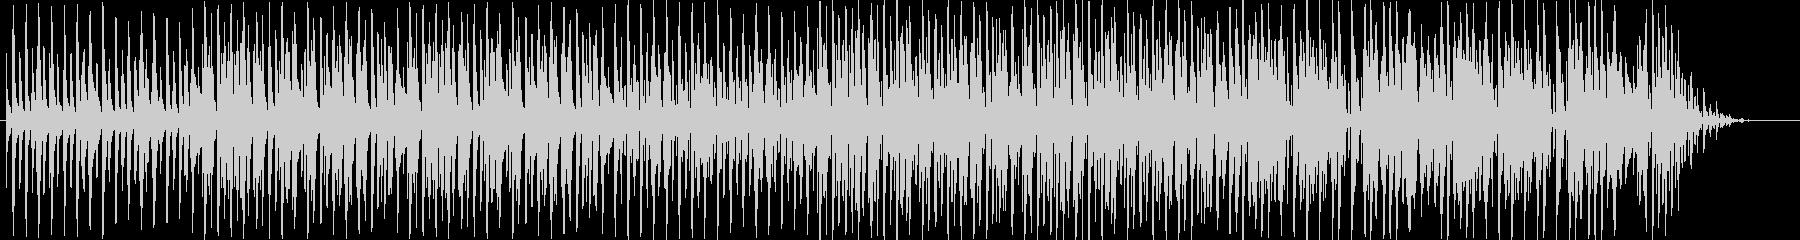 のんびりした日常系ループBGMの未再生の波形